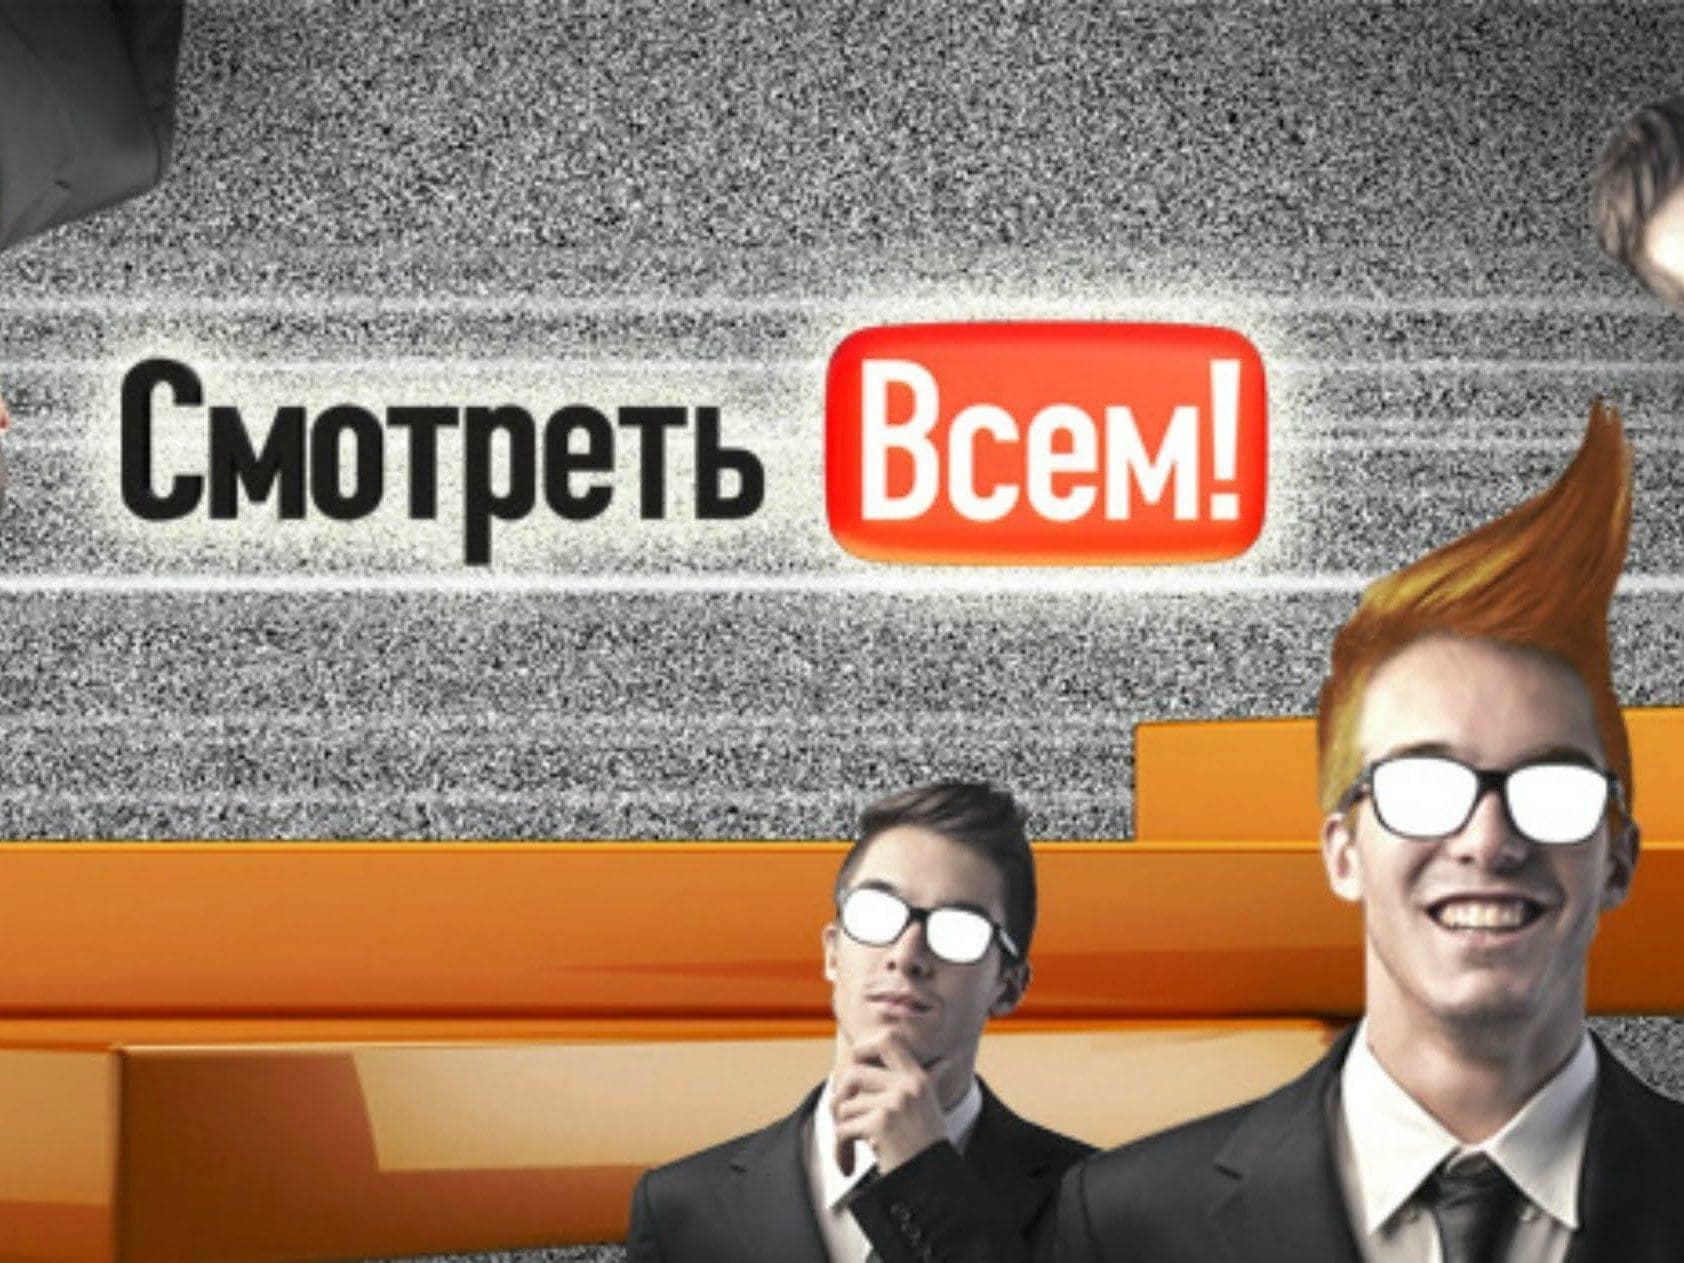 Смотреть всем! 331 серия в 22:52 на РЕН ТВ